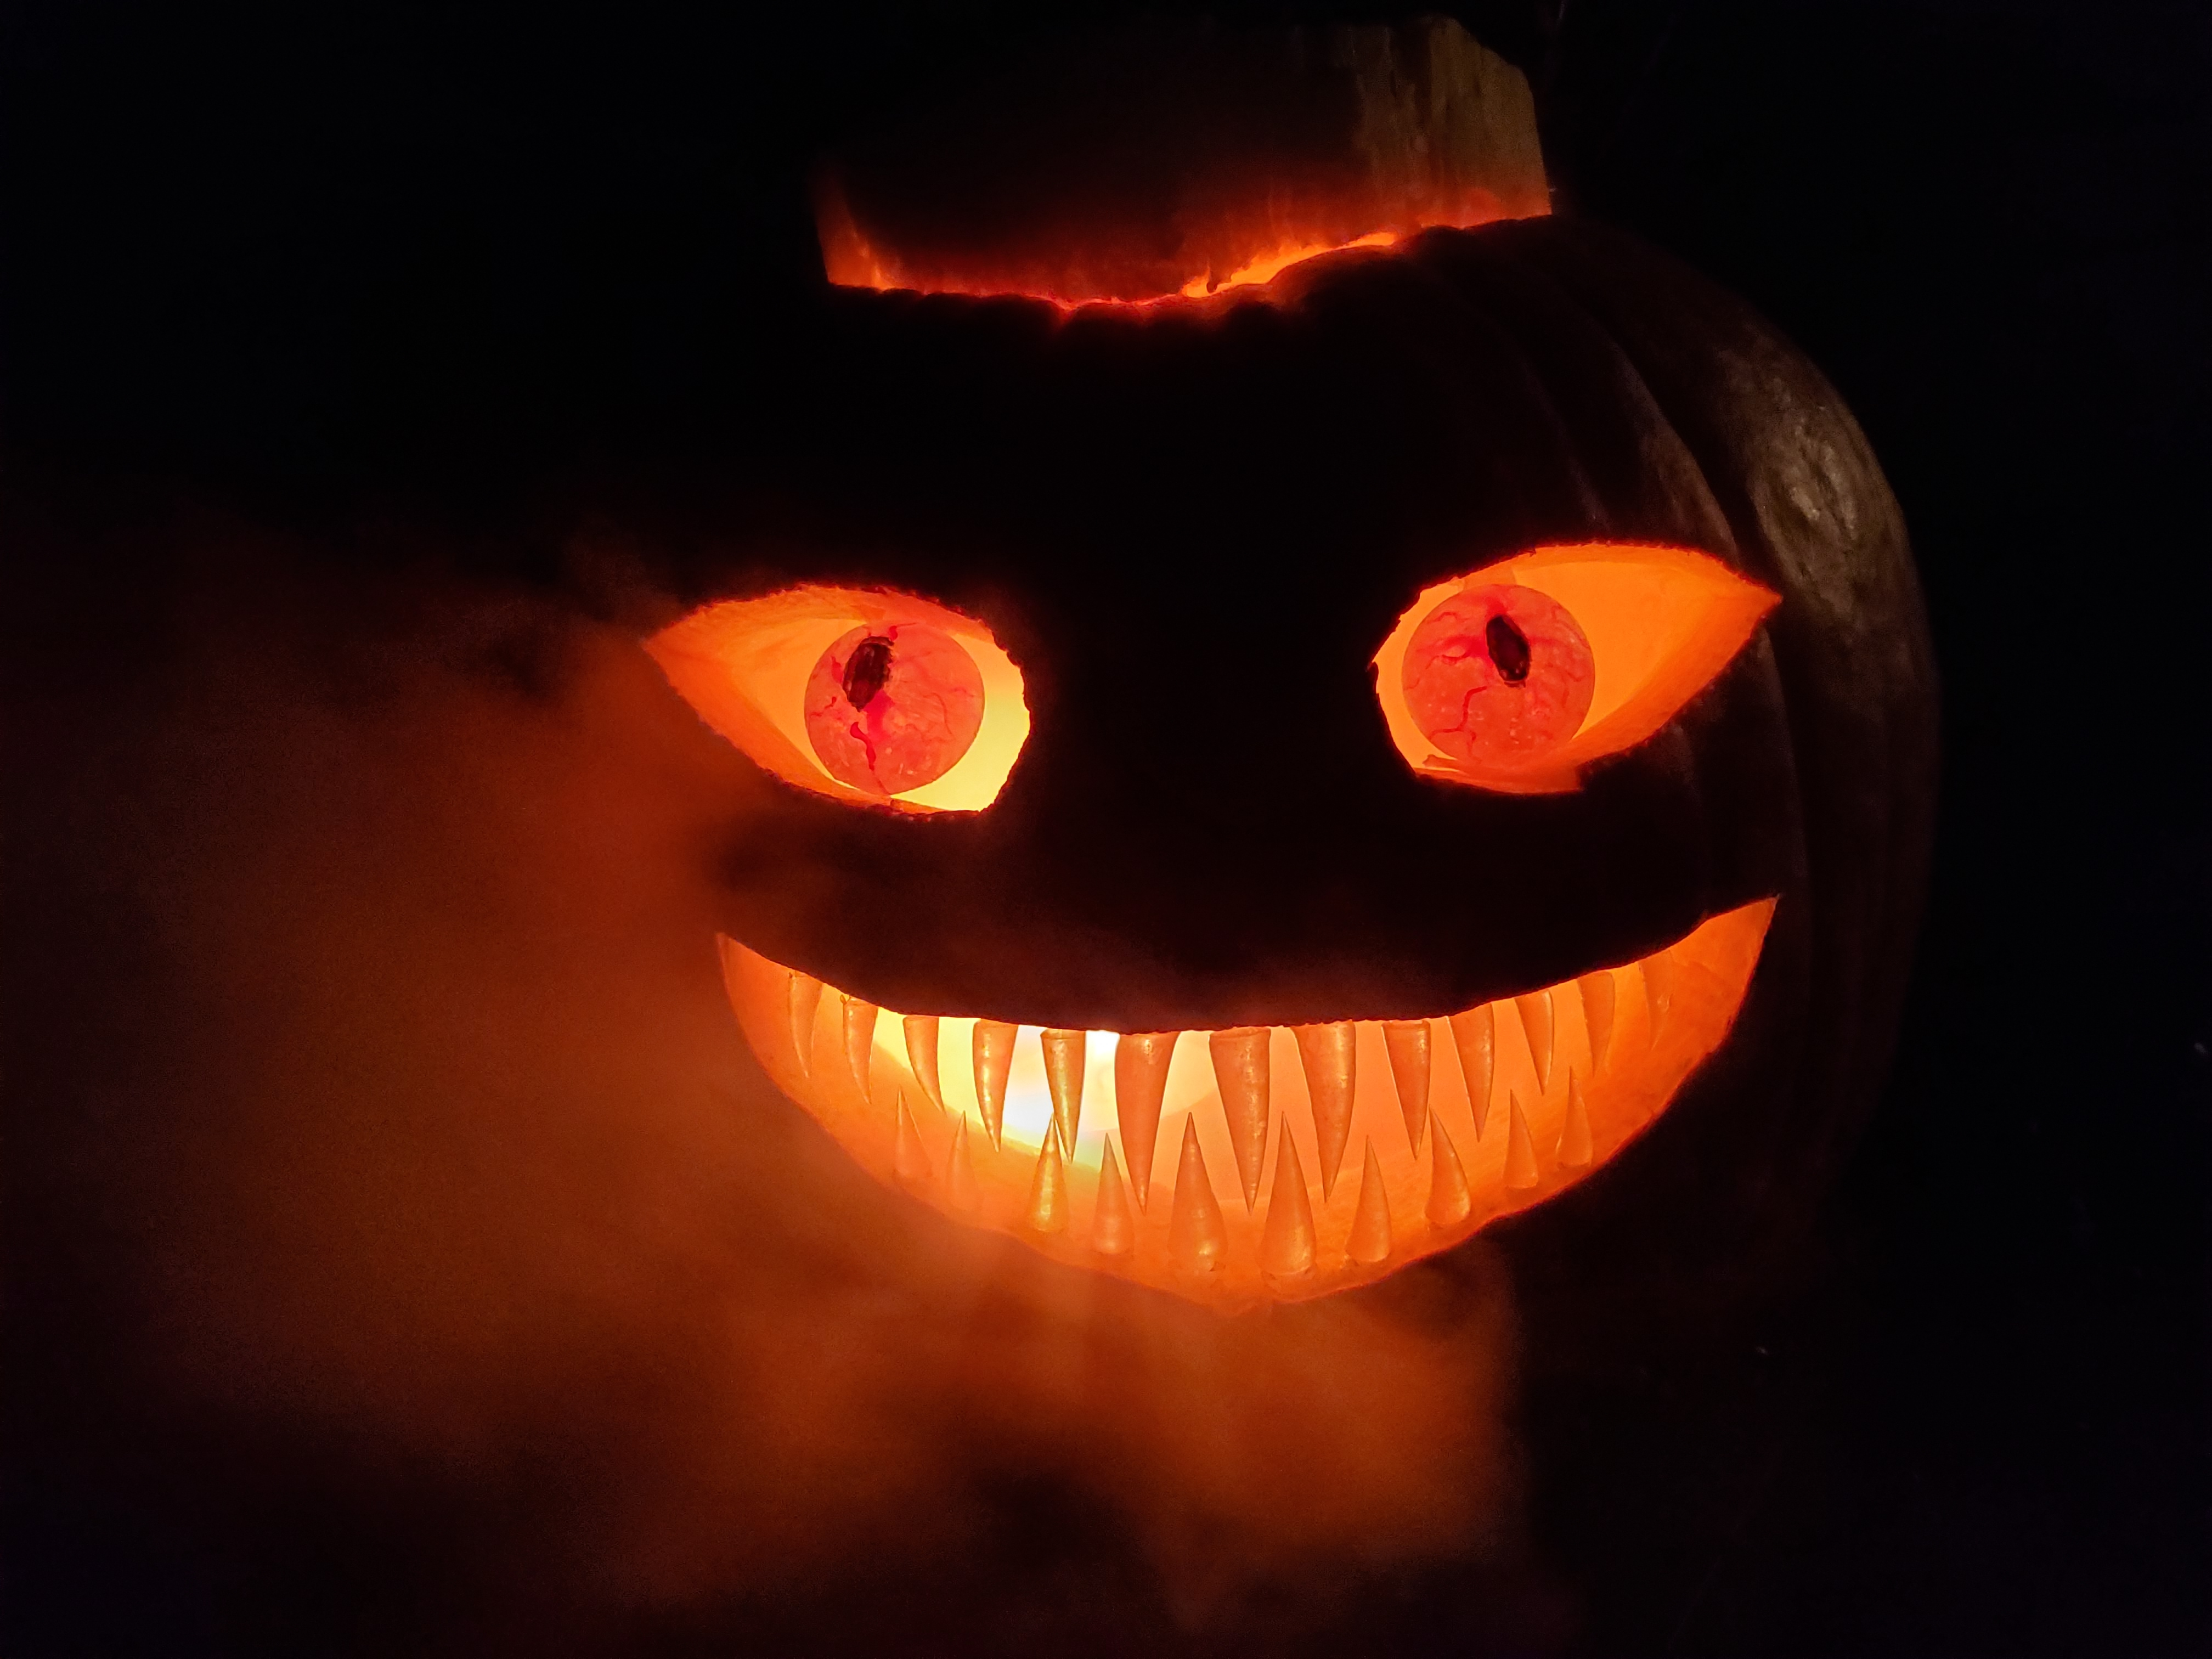 20191031_193206.jpg Download free STL file Spooky Pumpkin Teeth and Eyes • 3D printing template, Dauler